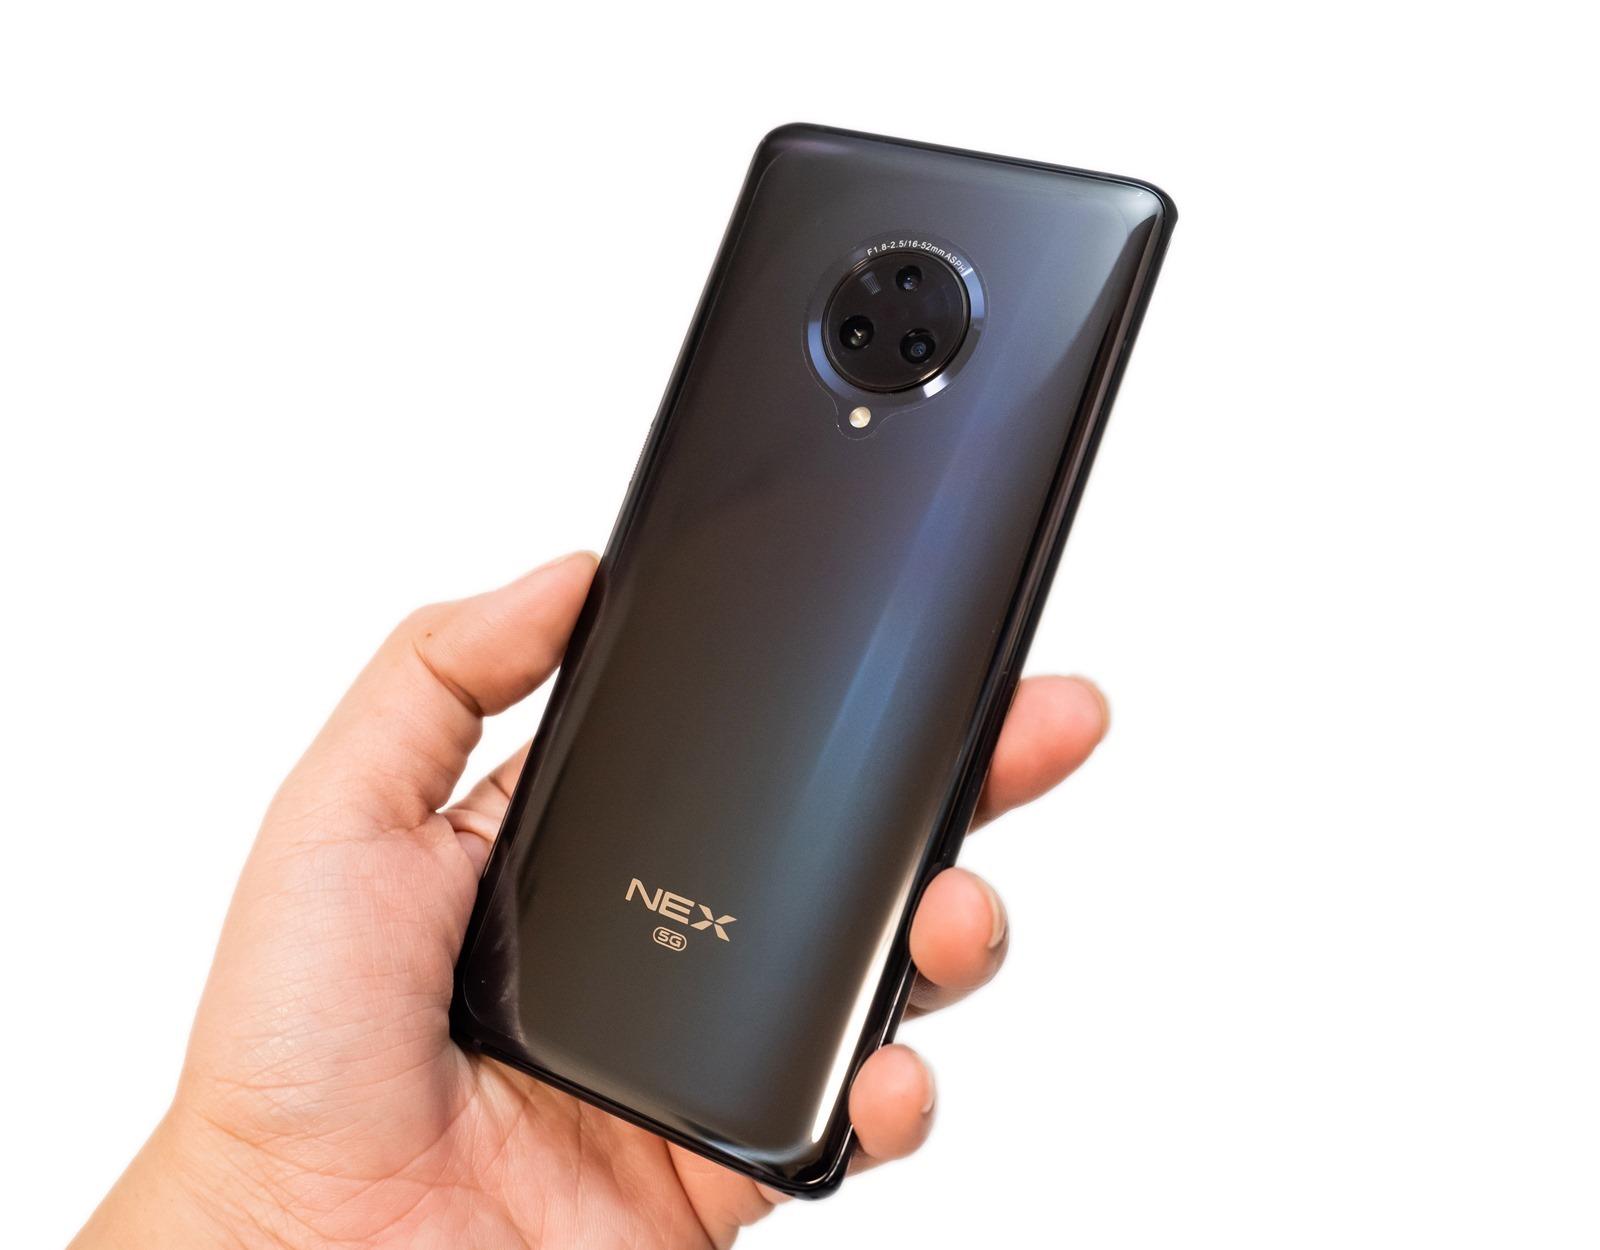 瀑布屏手機來了!vivo NEX3 5G 實拍分享 / 規格 / 性能電力測試,還有 6400 萬 GW1 時拍照 @3C 達人廖阿輝